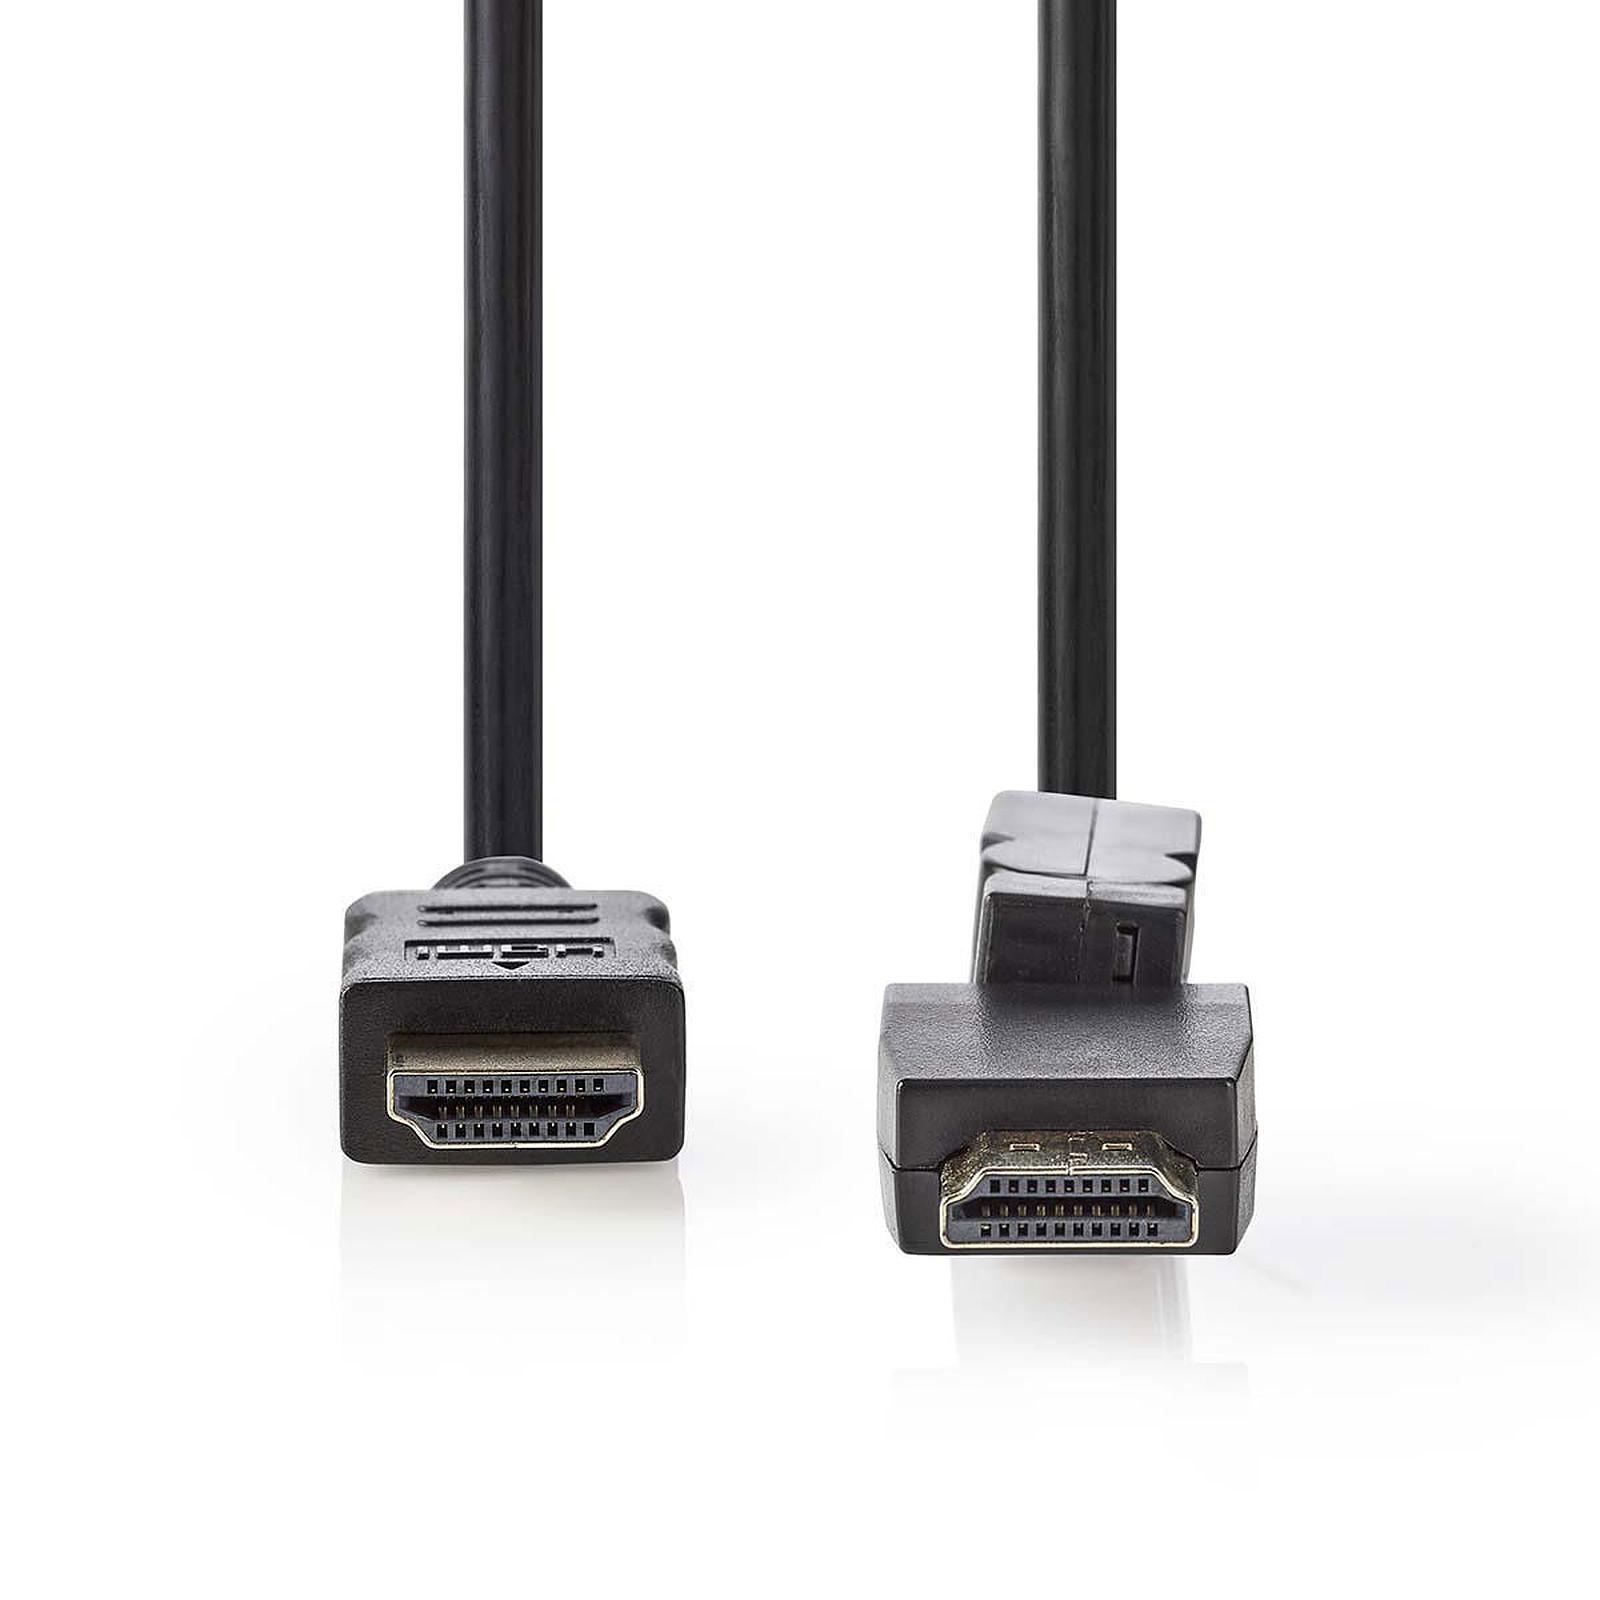 Nedis Câble HDMI rotatif haute vitesse avec Ethernet Noir (1.5 mètre)